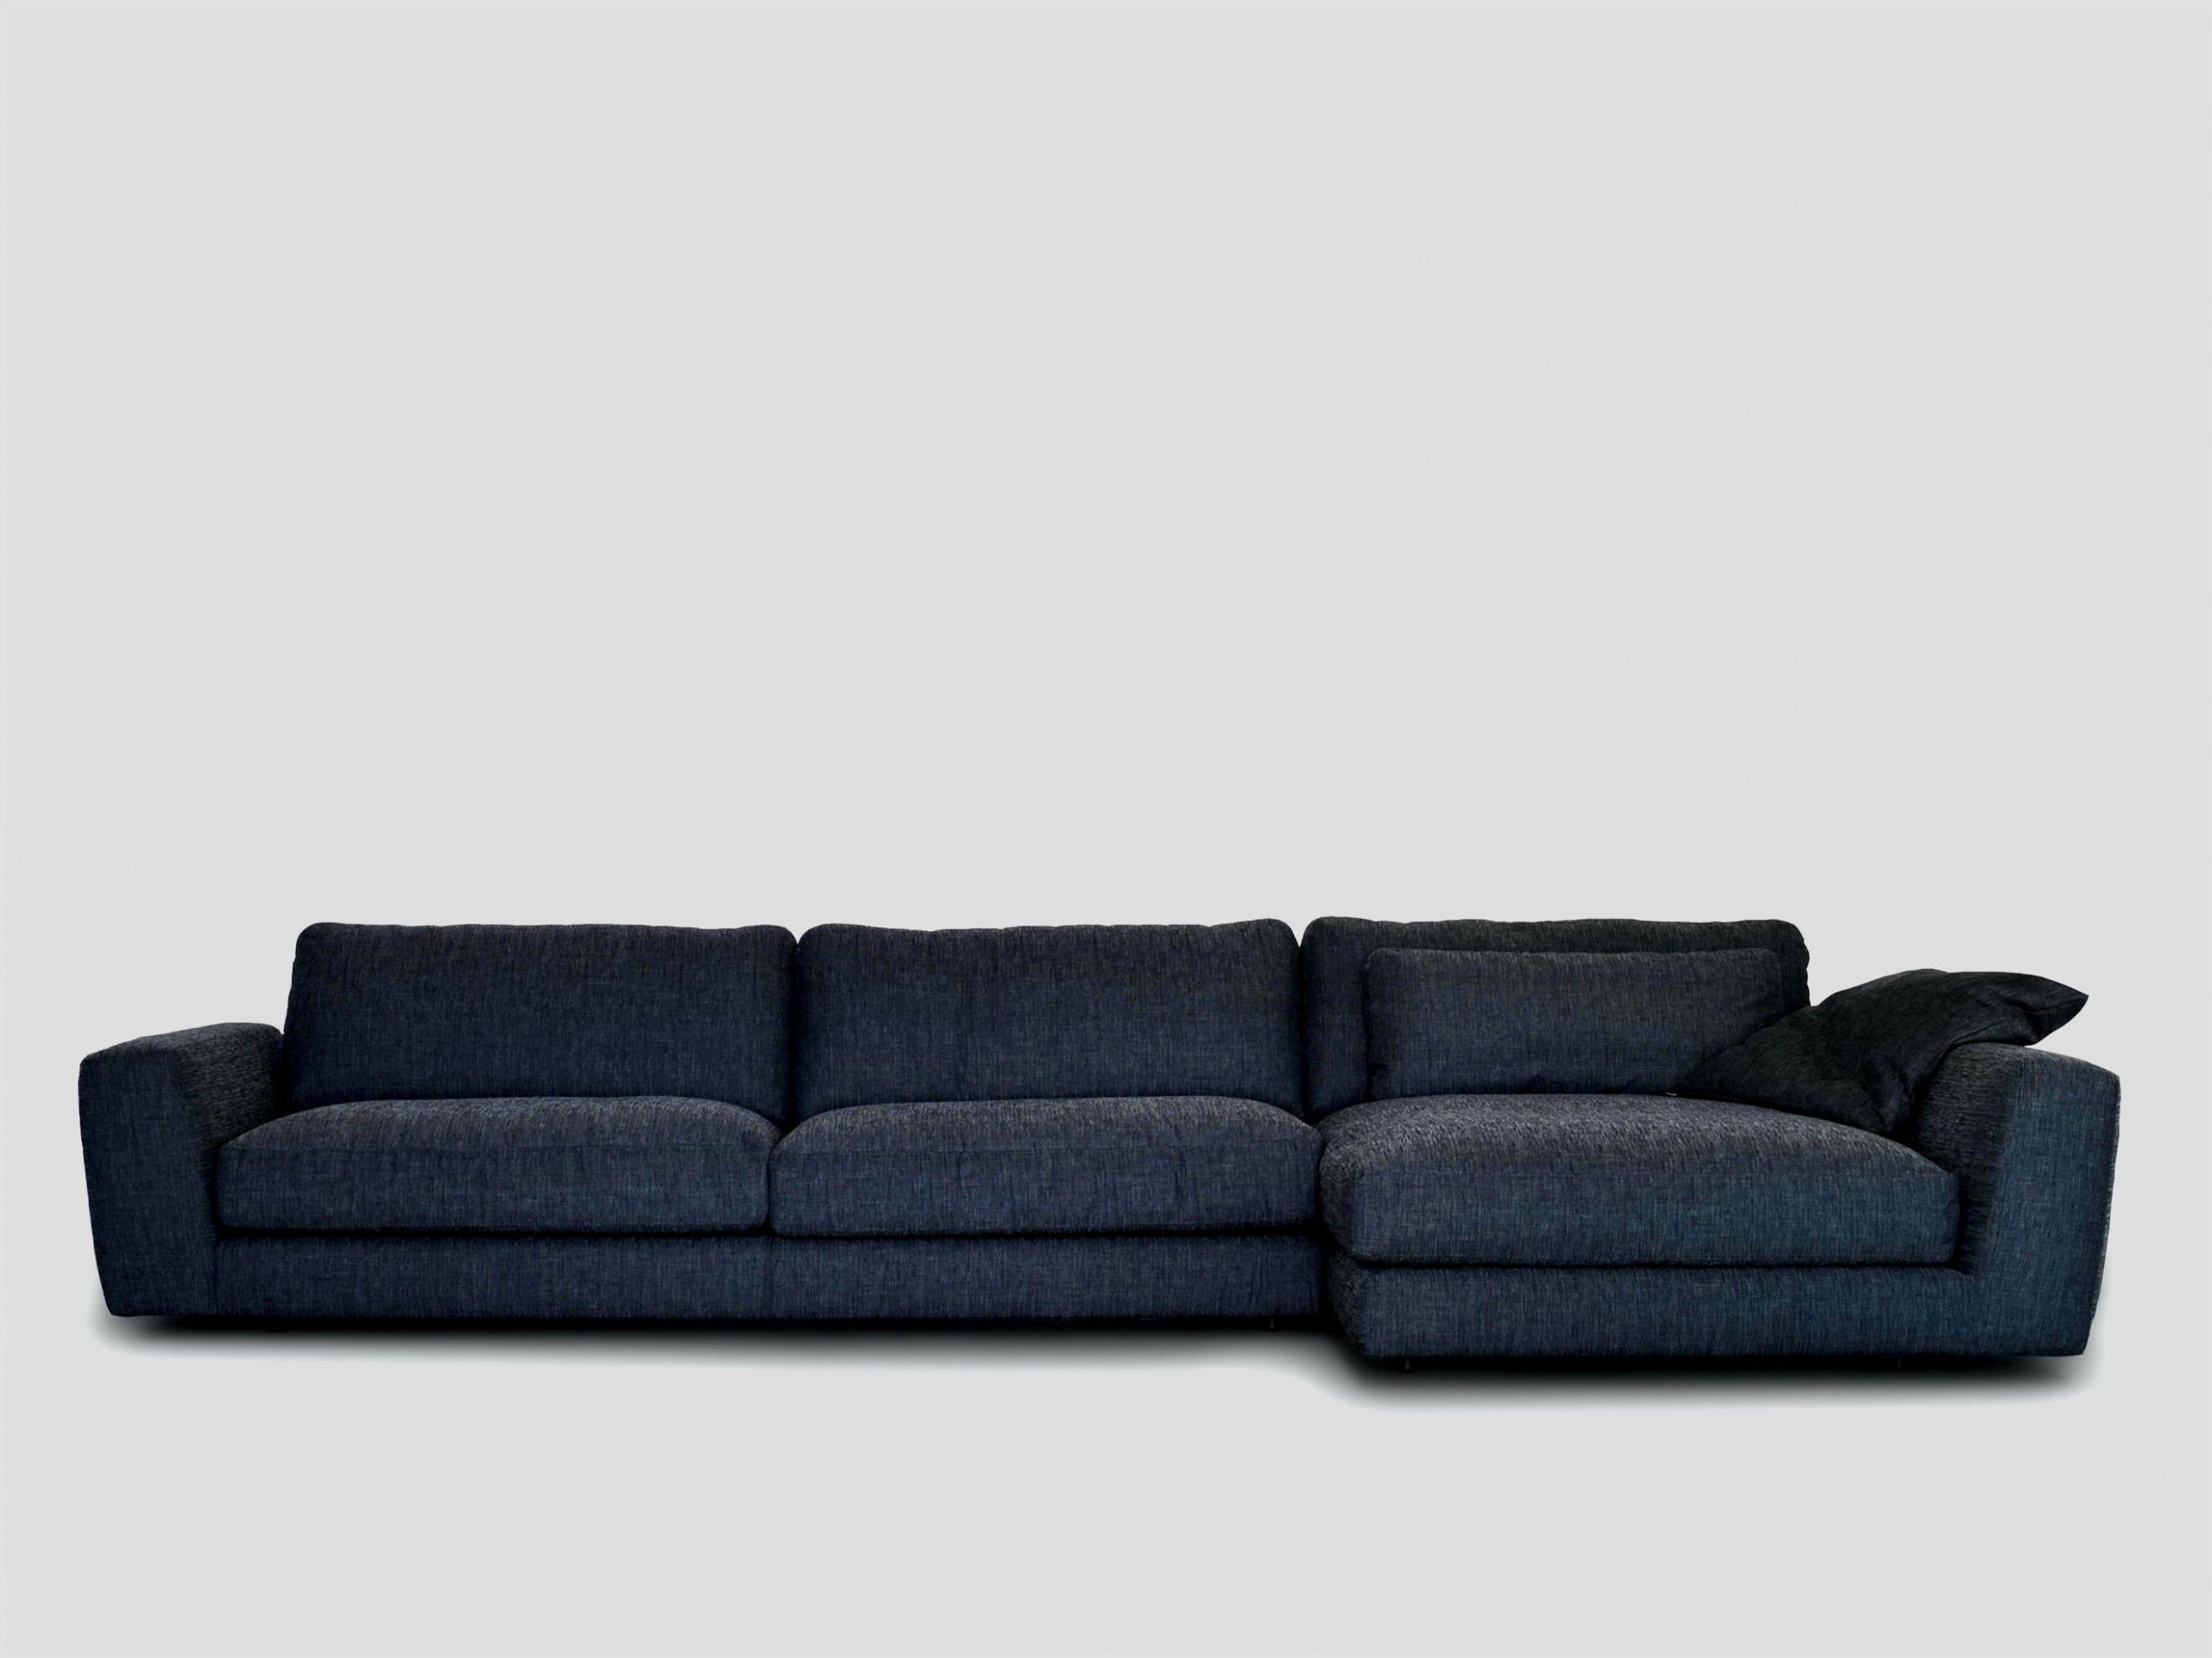 Sofas Cama En Conforama Tqd3 sofas Cama Baratos Conforama Grande sofas Cama Elegant Futon